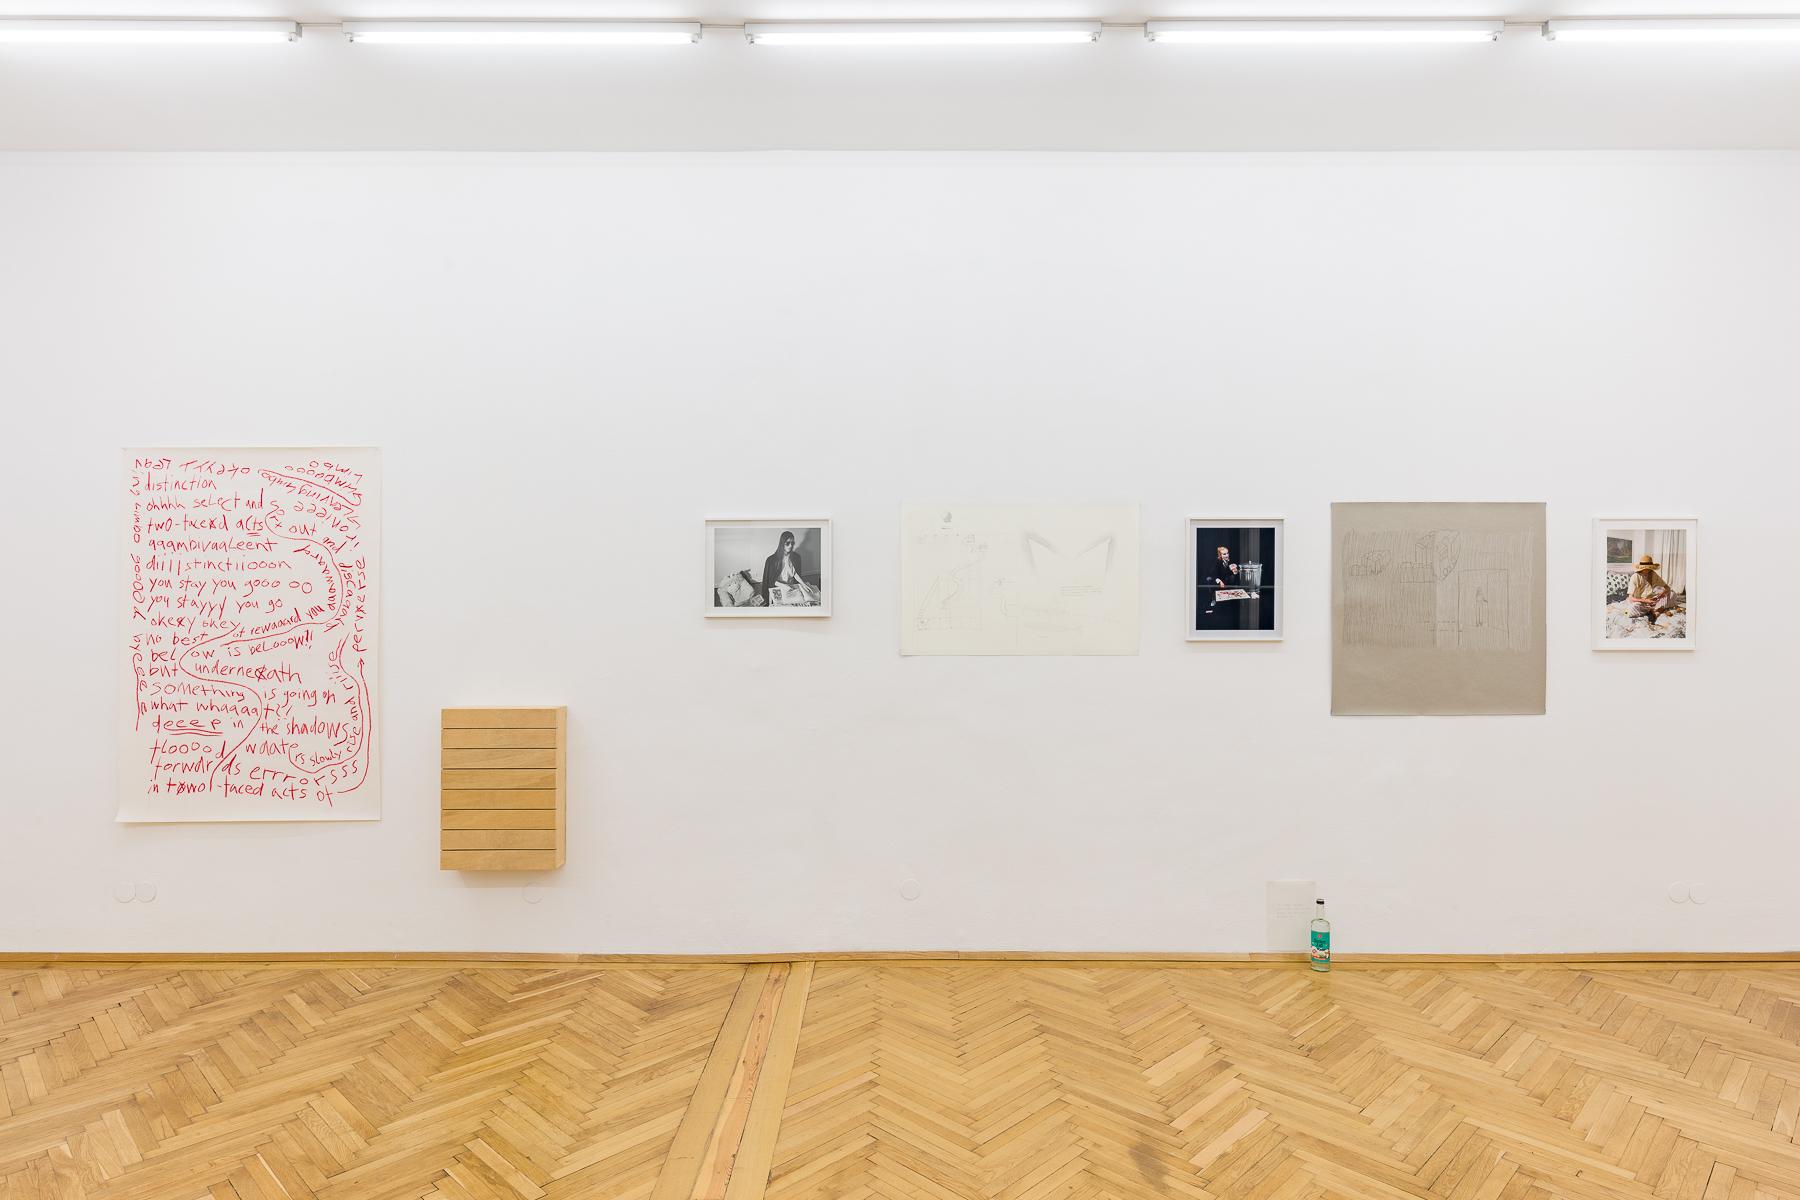 2019_03_13_Groupshow_Felix-Gaudlitz_kunst-dokumentation-com_018_web.jpg